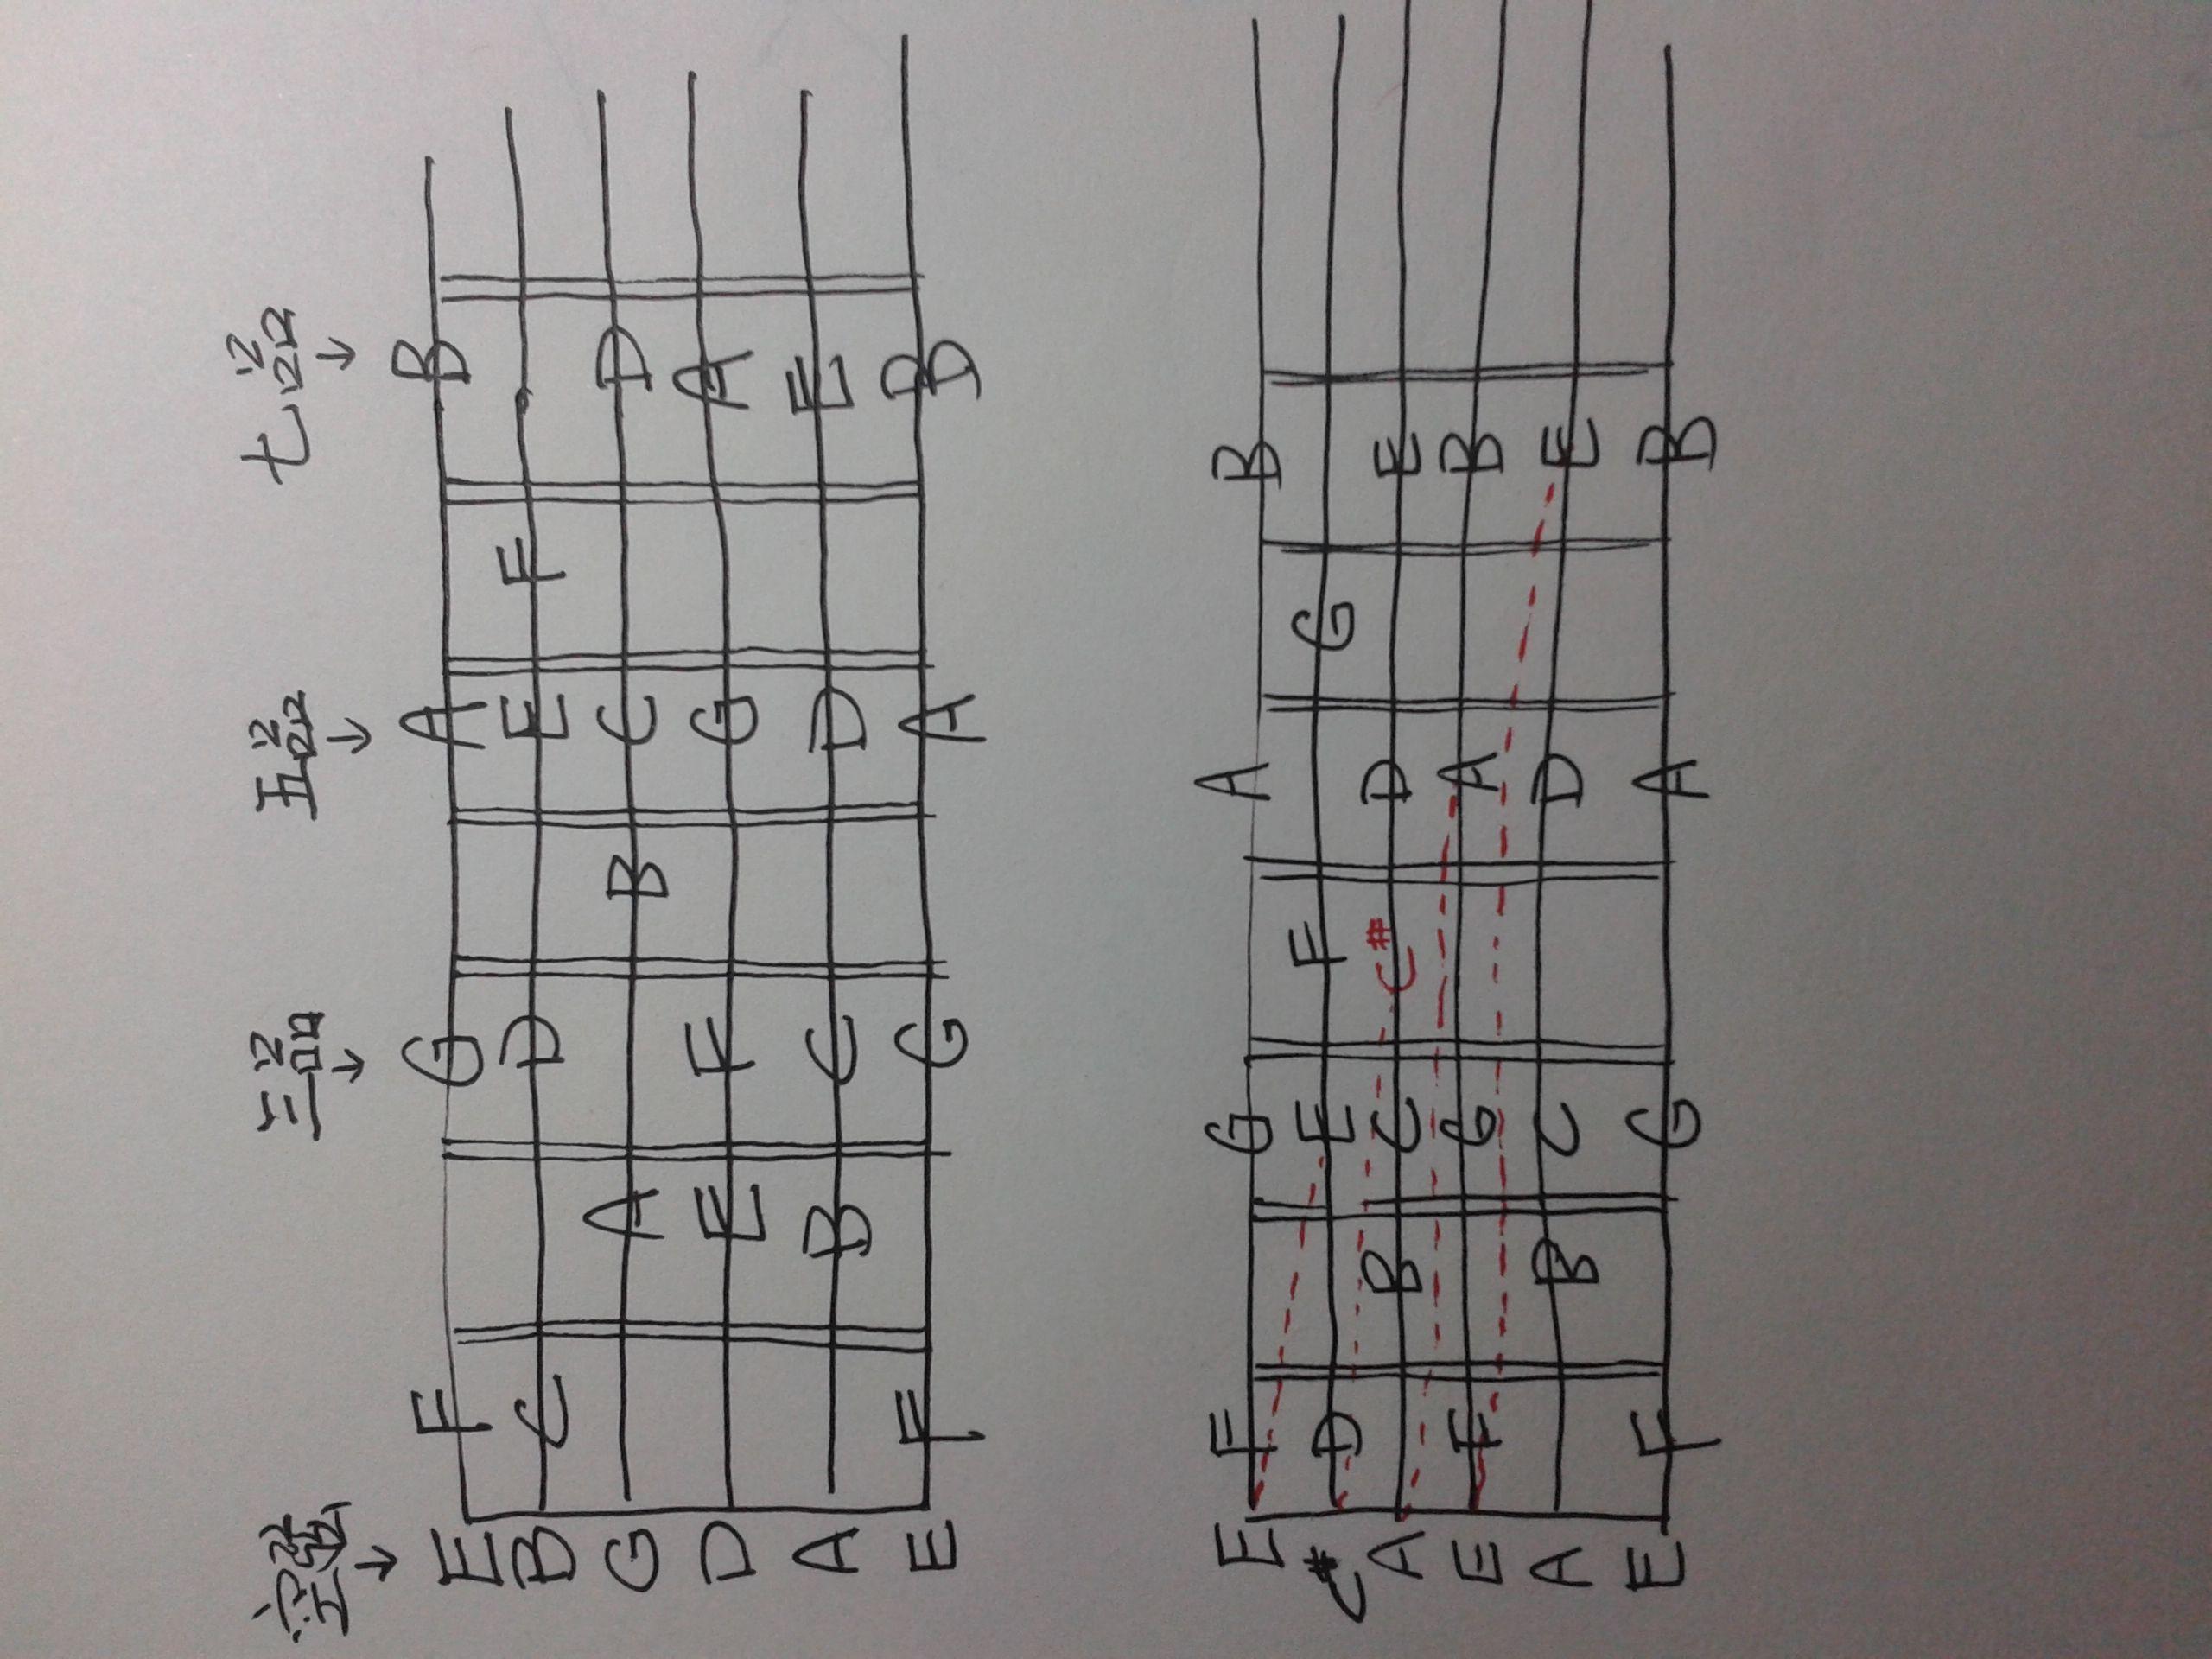 ��.d:-a:+�_首先,要知道c,d,e,f,g,a,b这七个音名之间的音程关系,ef之间,bc之间都